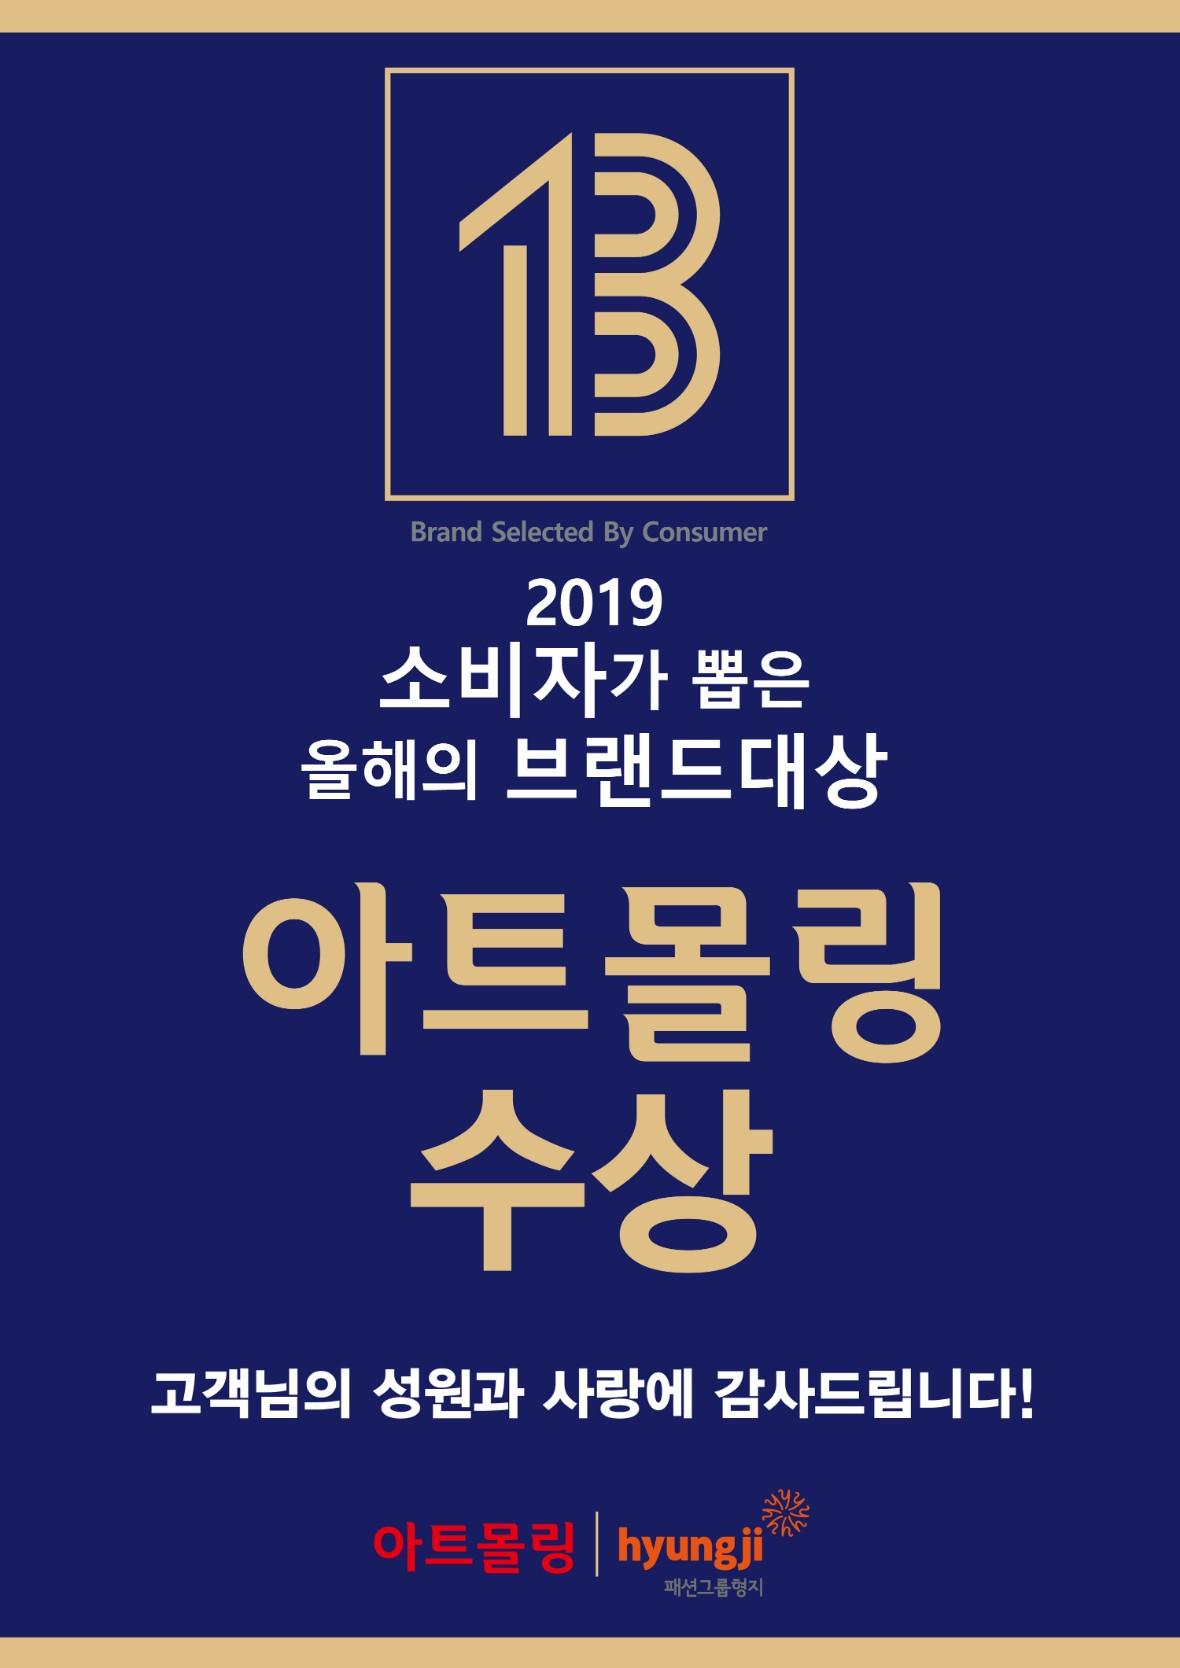 0728_2019_브랜드대상_POP_세로2.jpg